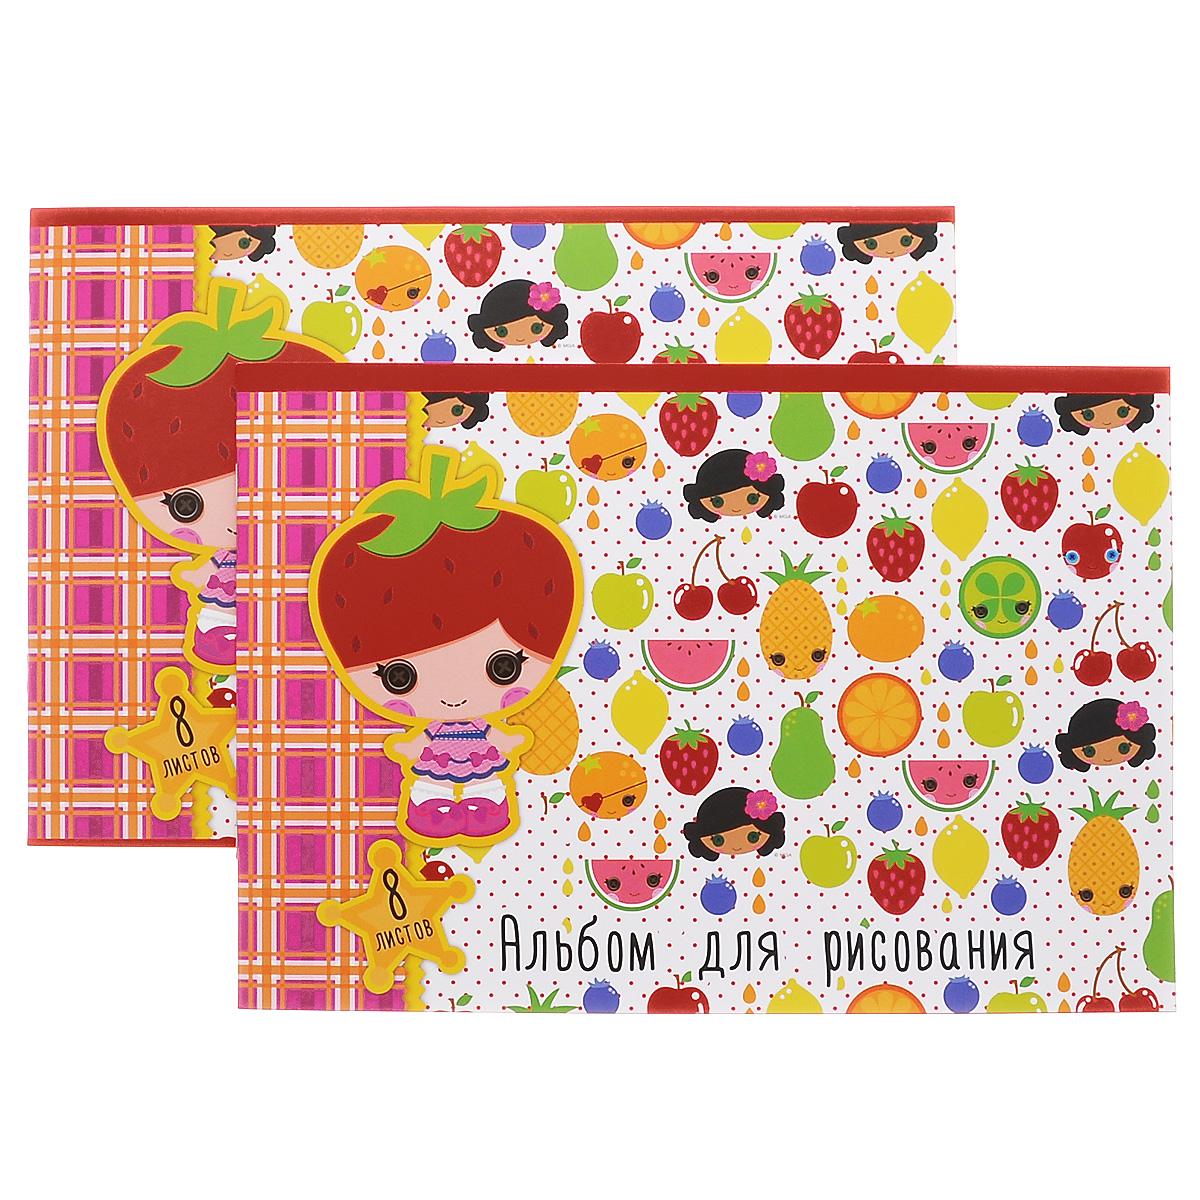 Action! Альбом для рисования Lalaloopsy, 8 листов, 2 штLL-AA-8Альбом для рисования Action! Lalaloopsy выполнен из качественной бумаги и мелованного картона. Яркая обложка альбома изготовлена из плотного картона с изображением куколок Lalaloopsy и ягод с фруктами. Внутренний блок альбома состоит из 8 листов белой бумаги, соединенной двумя металлическими скрепками. Увлечение изобразительным творчеством носит не только развлекательный характер, но и развивает цветовое восприятие, зрительную память и воображение. В набор входит два альбома для рисования.